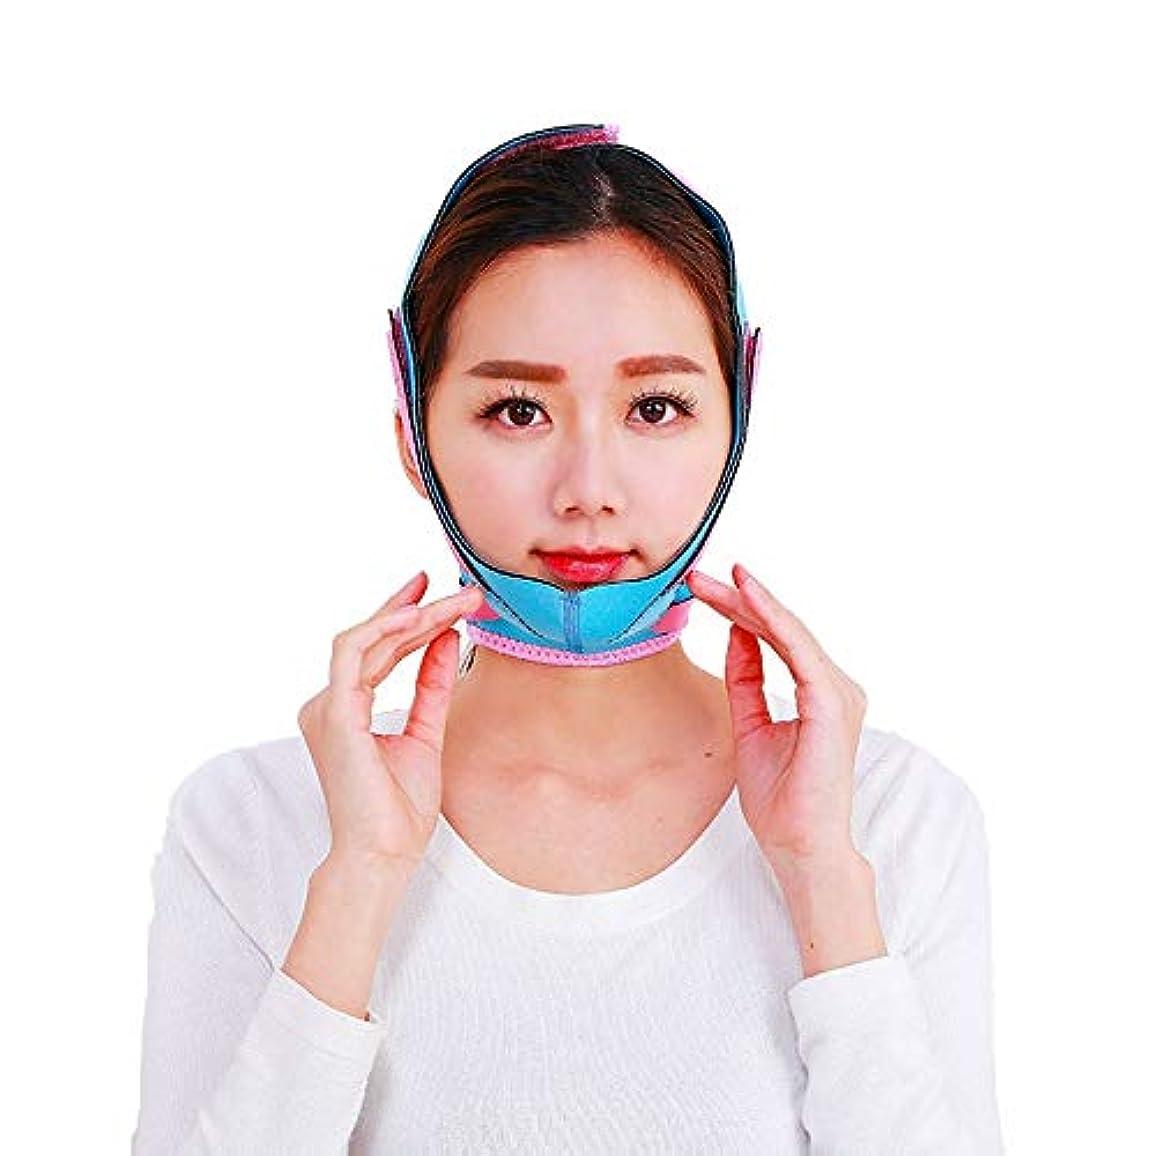 明らか歯痛背の高いフェイスマスクマスクスリムマスクリフティングコンターリリーフドループマッスル引き締め肌弾性Vフェイス包帯